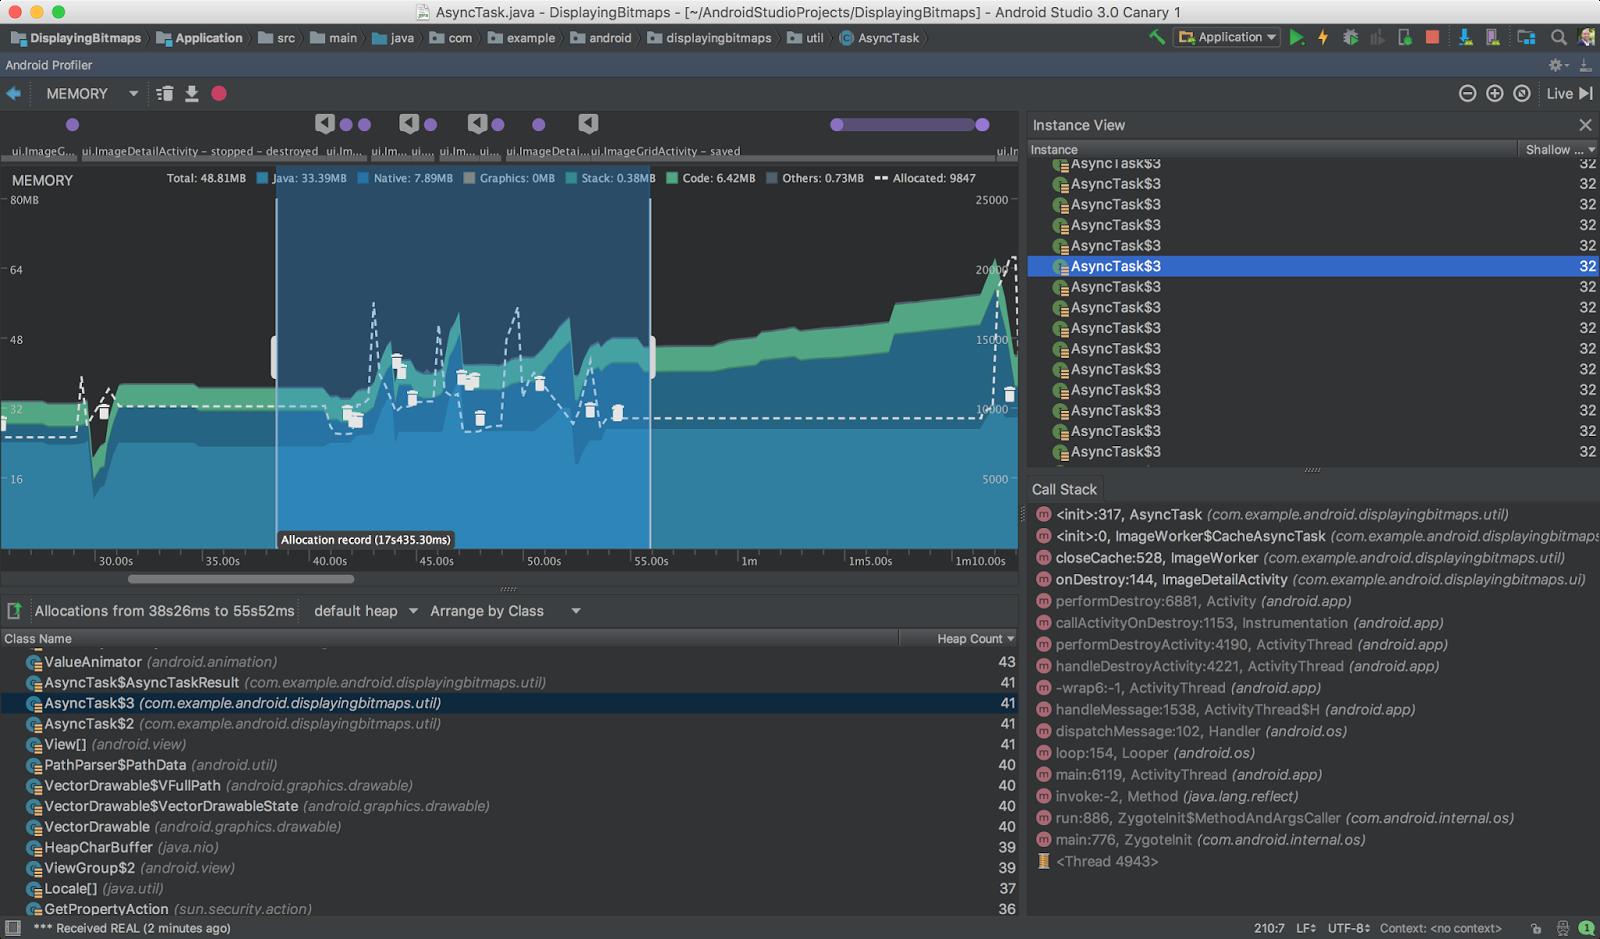 Google: Android Studio 3.0 wandelt Java- zu Kotlin-Code - ... die Auslastung des Arbeitsspeichers ... (Bild: Android Open Source Project - CC BY 2.5)